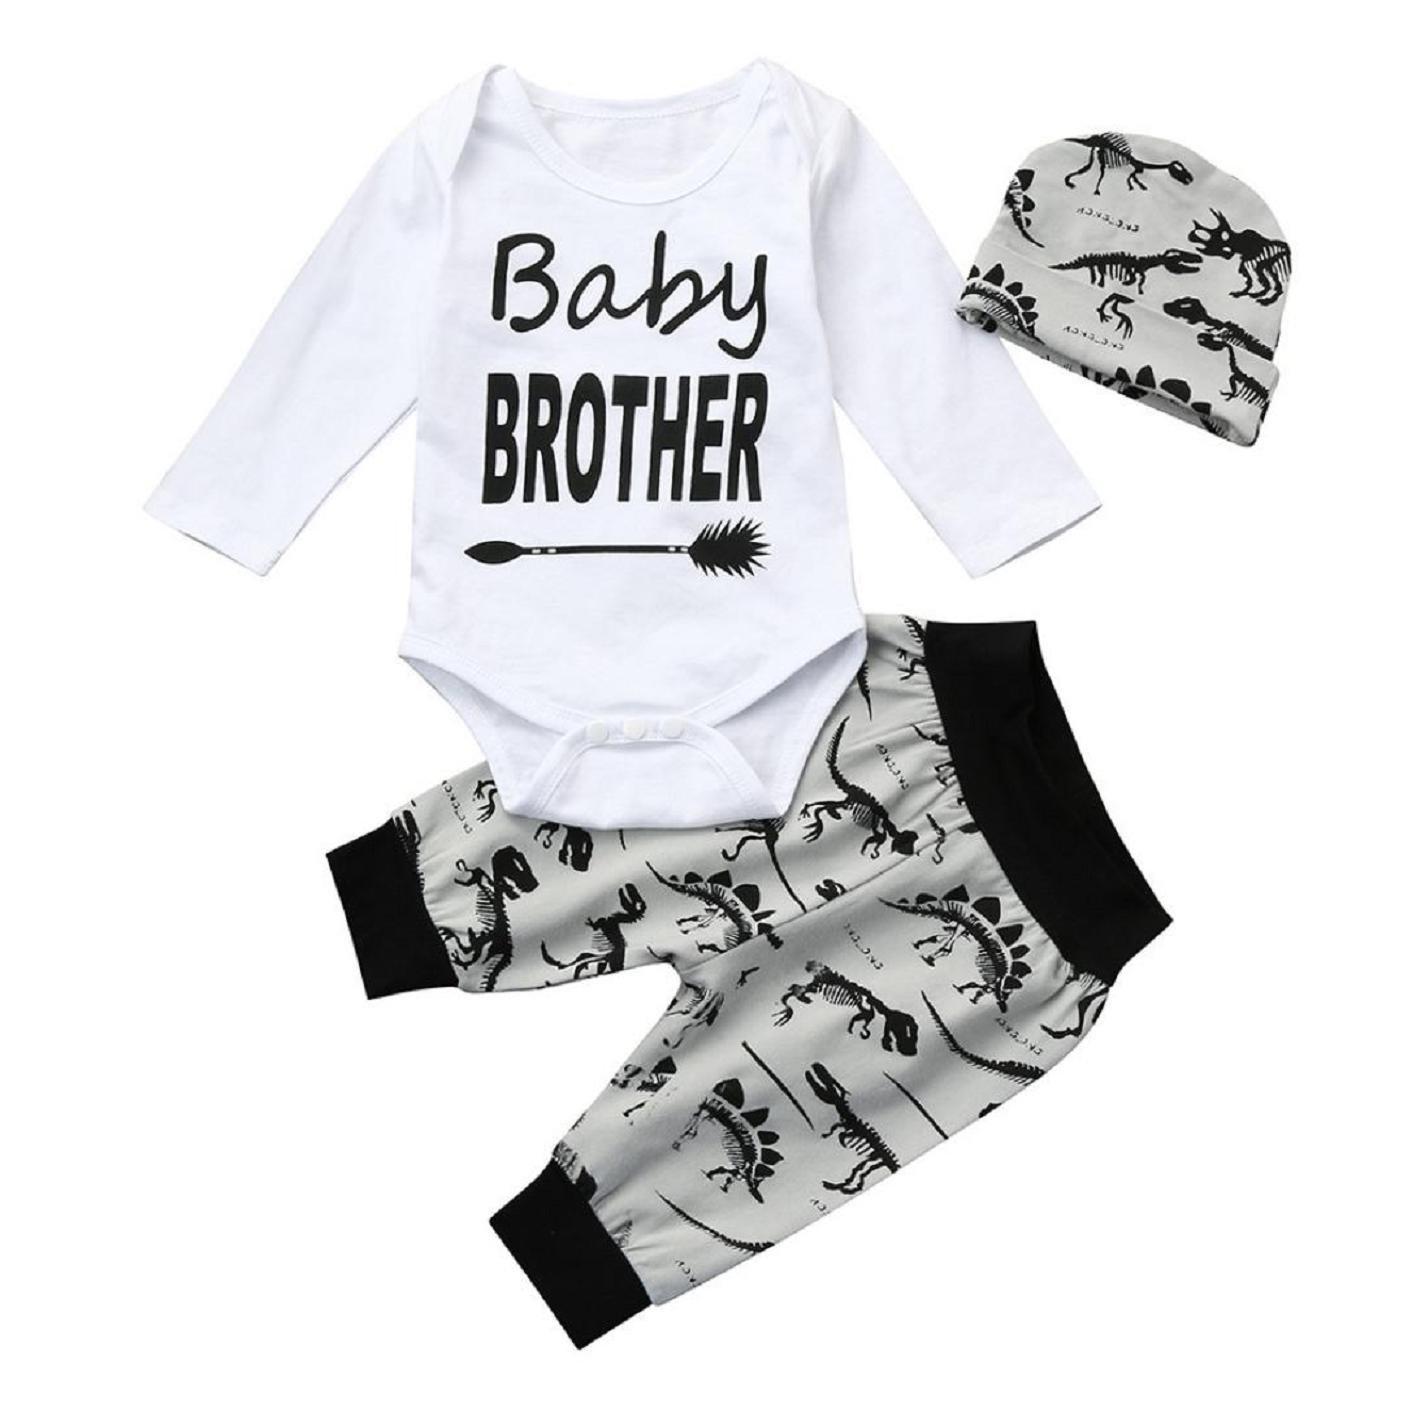 Juego de ropa para bebé Pelele de, ppbuy bebé Boy carta impreso dinosaurio + pantalones + sombrero juego ropa Set: Amazon.es: Oficina y papelería